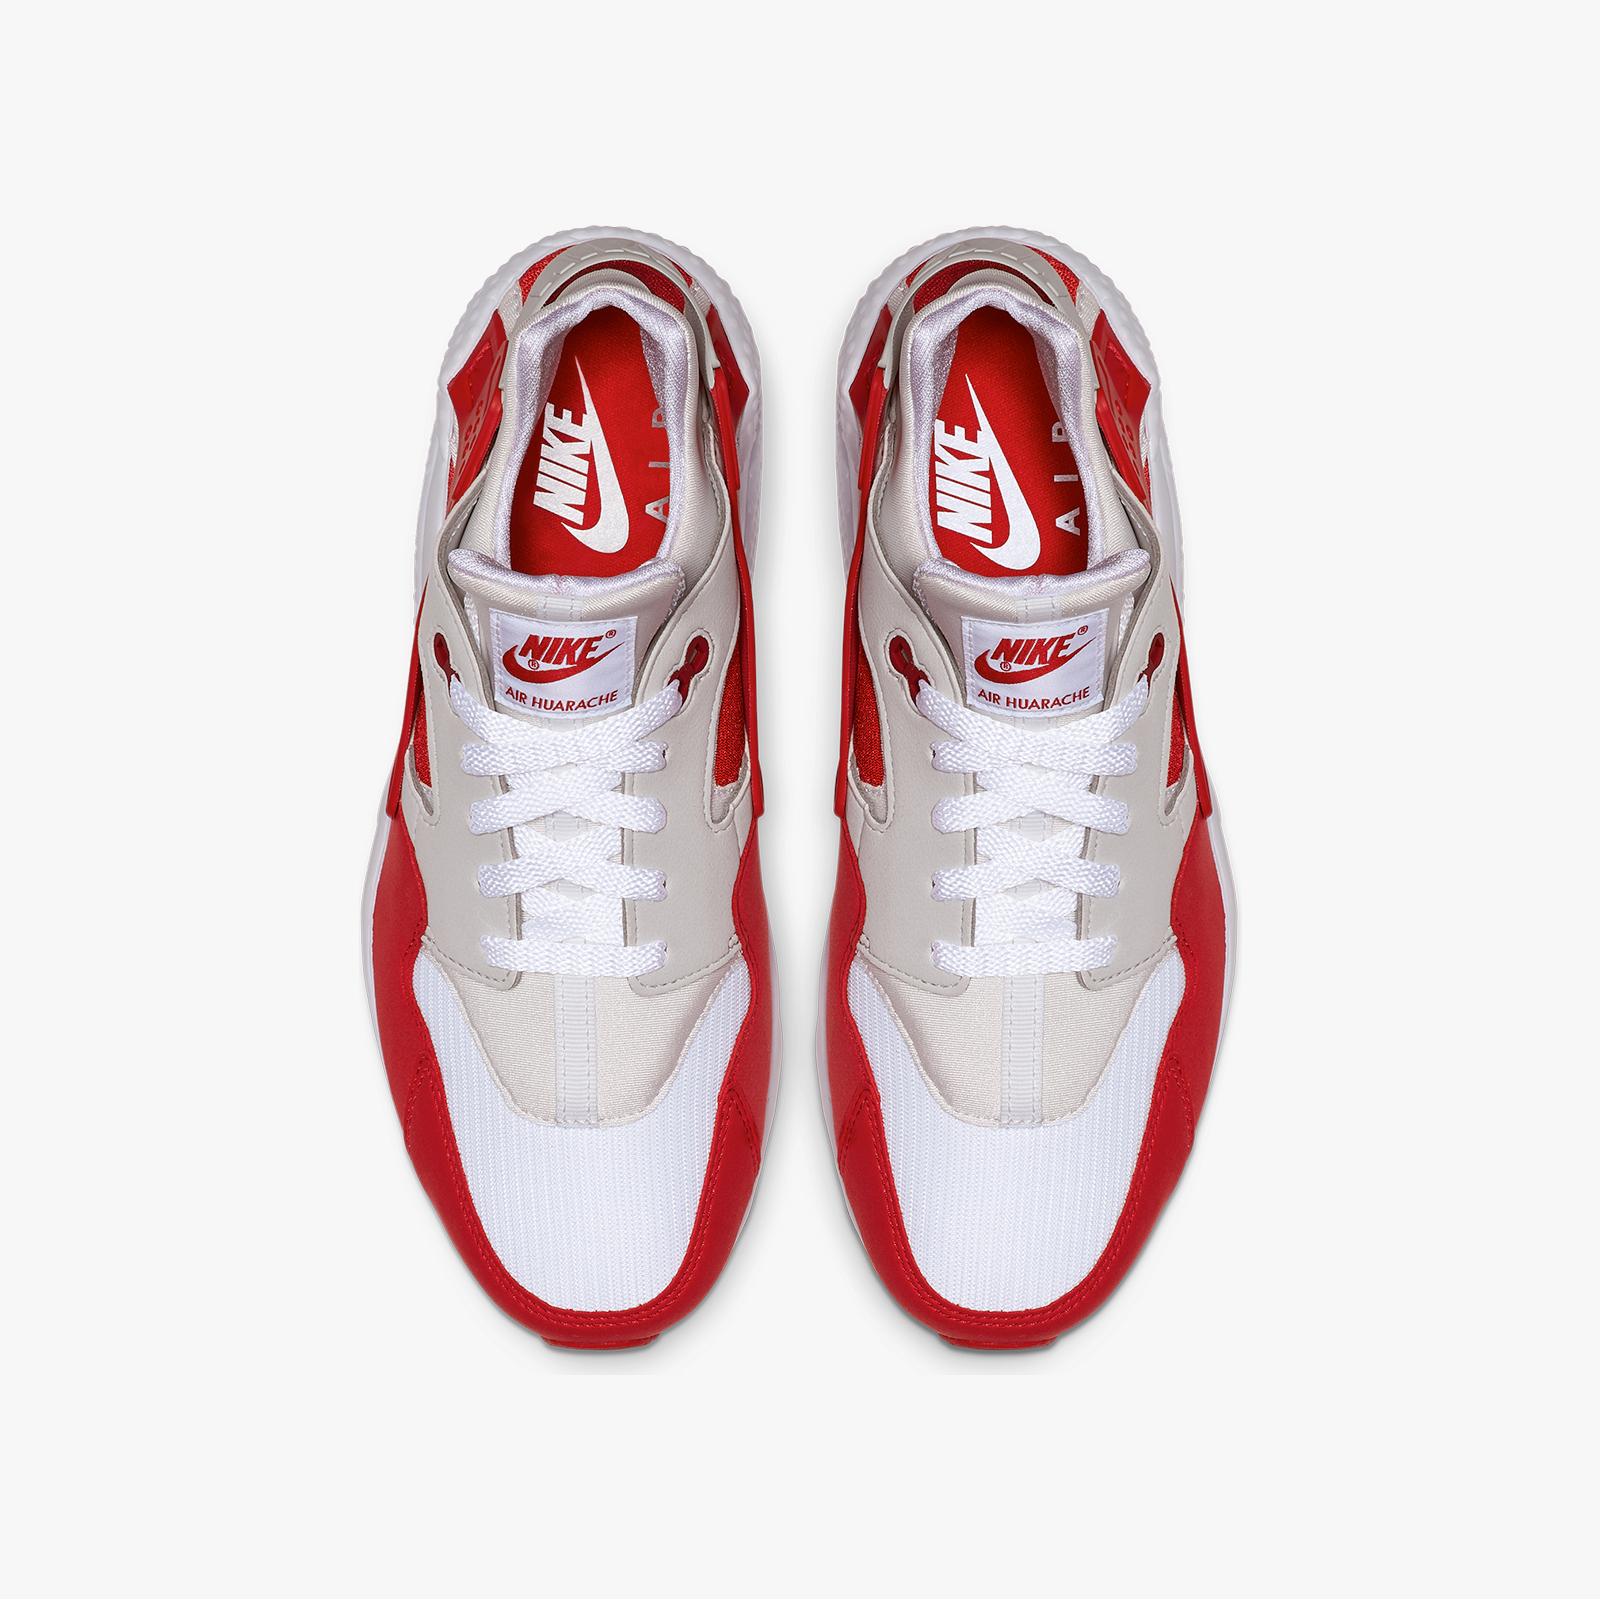 Nike Air Max 1 DNA CH.1 Huarache Grailify Sneaker Releases